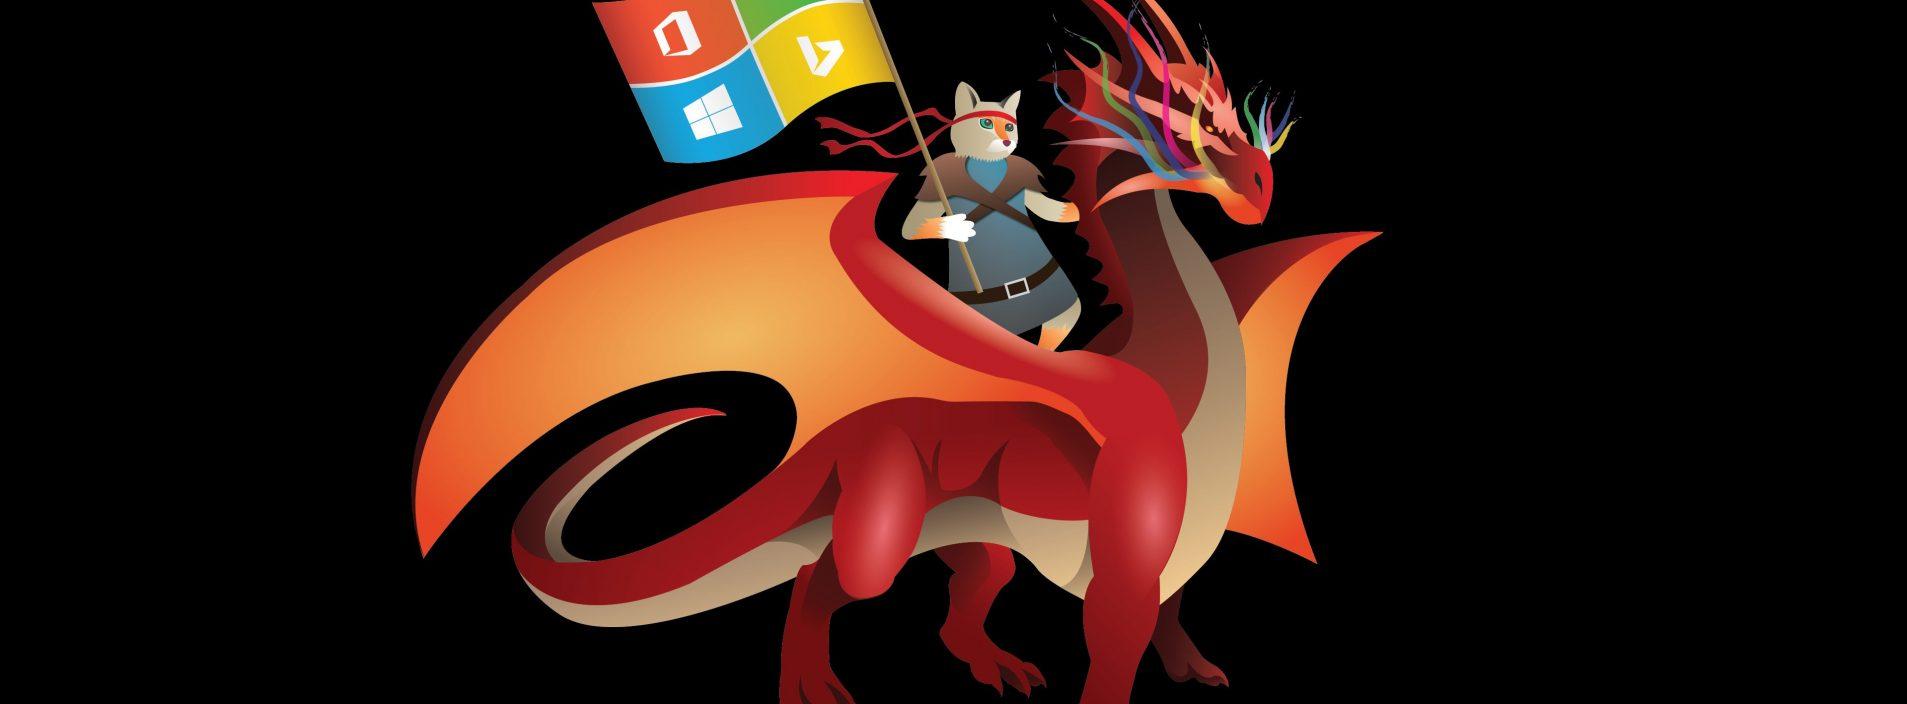 Você poderá adiar atualizações do Windows por até 1 semana